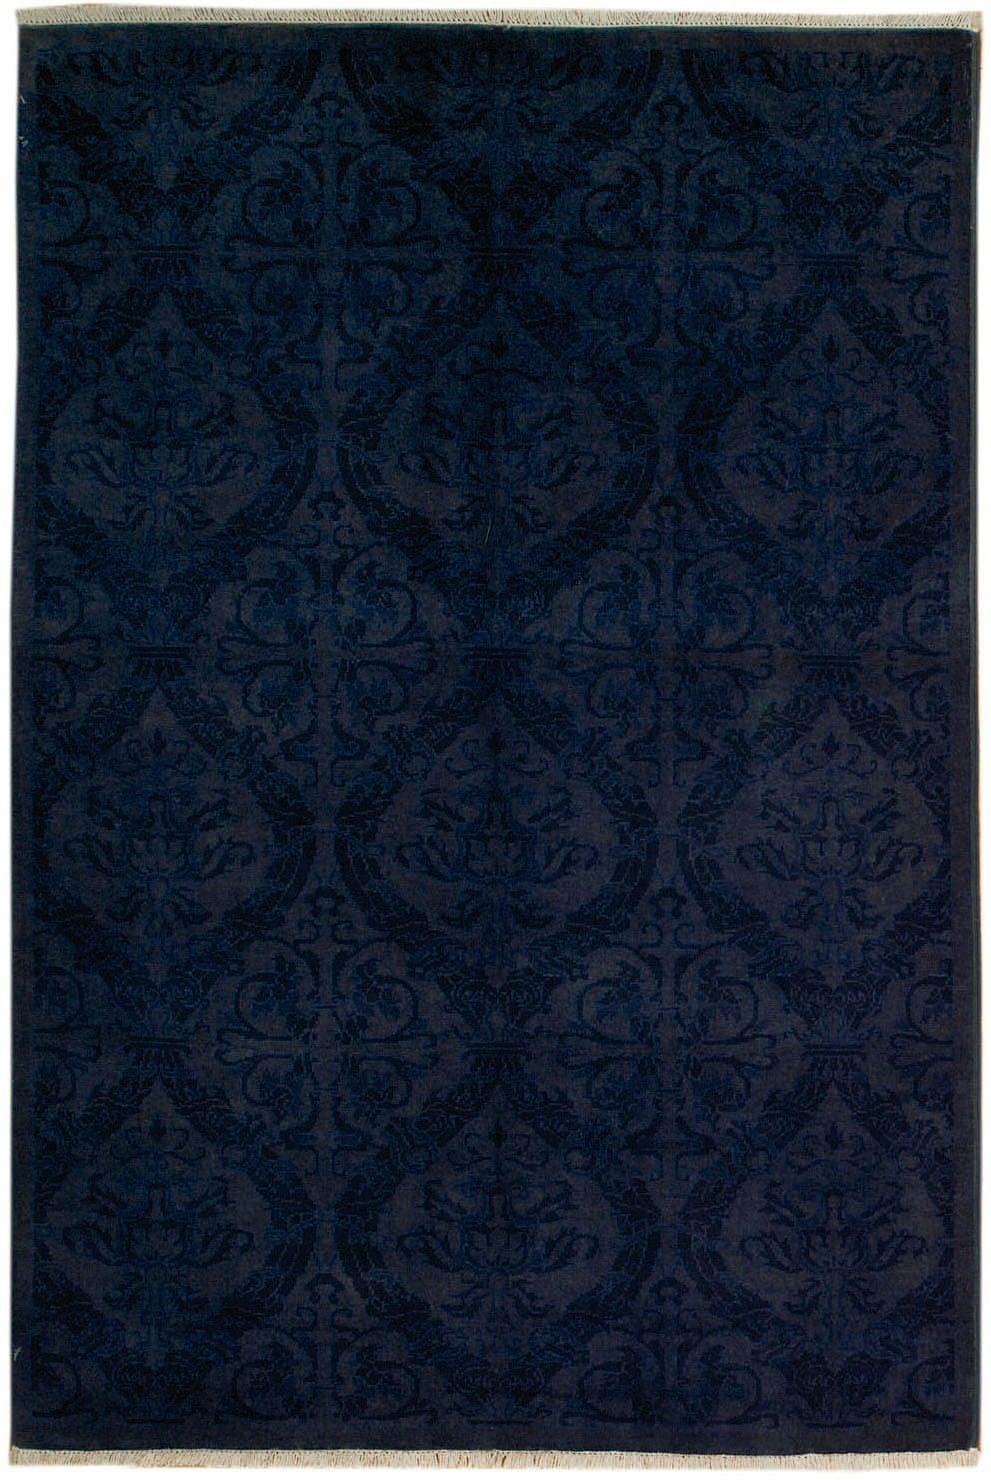 Deco Rectangle 4x6